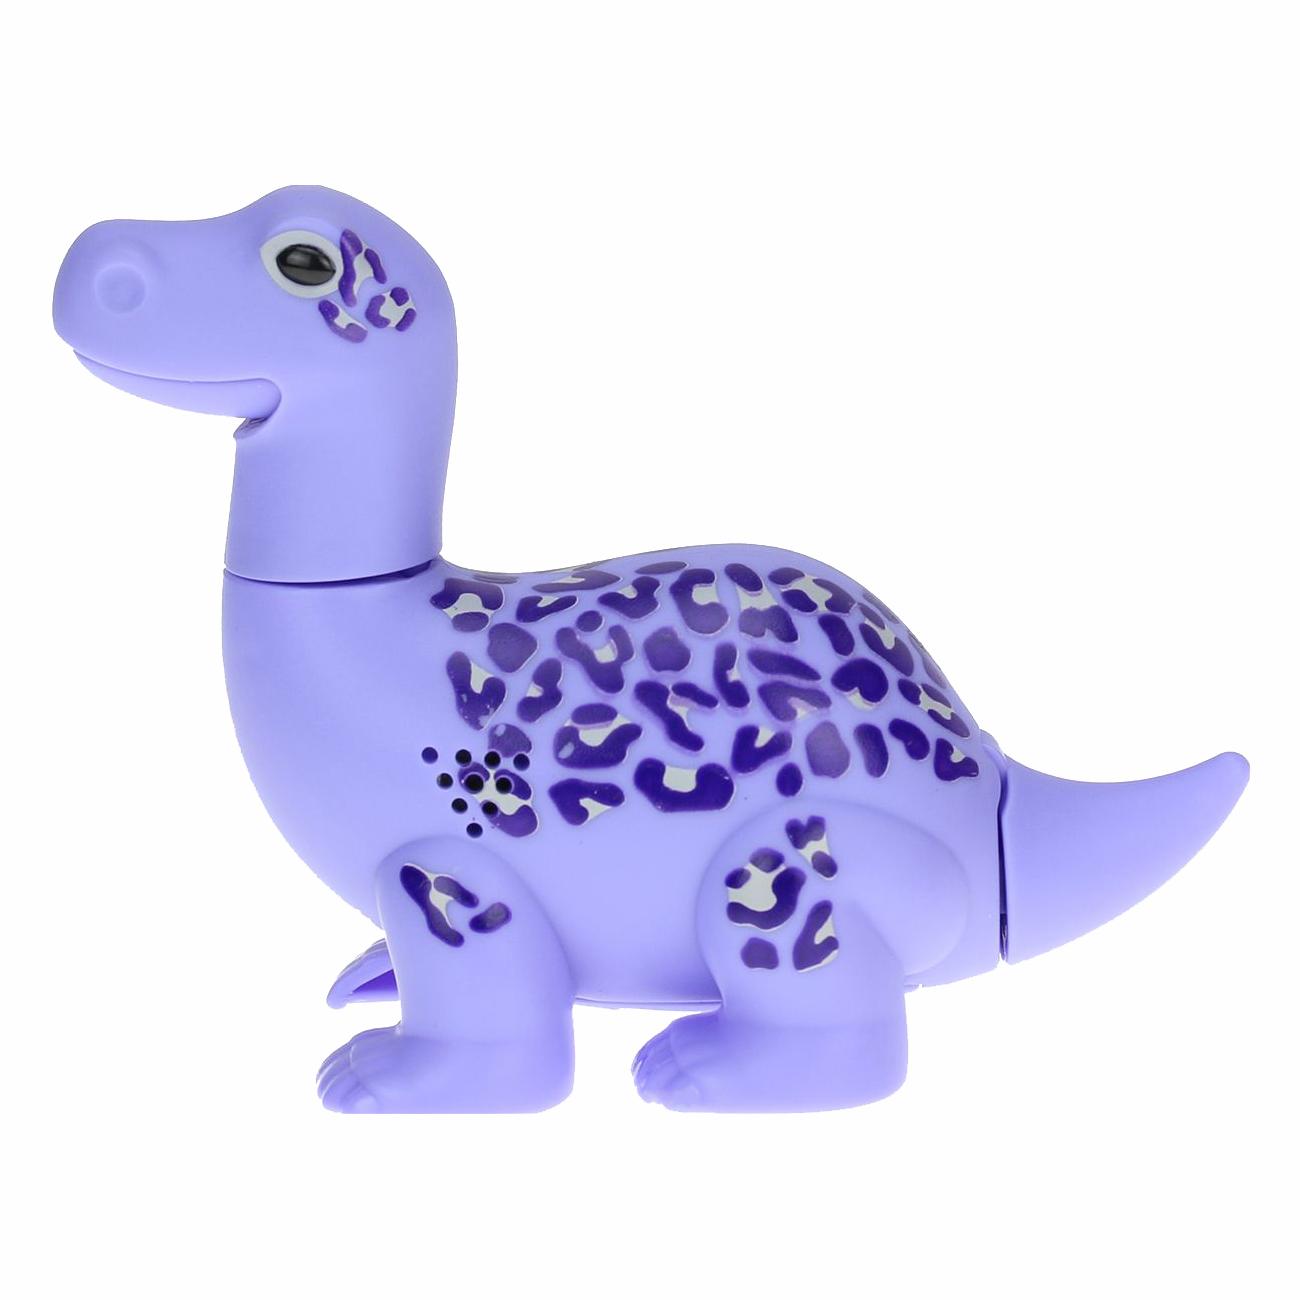 Интерактивный динозавр Max, фиолетовыйИнтерактивные животные<br>Интерактивный динозавр Max, фиолетовый<br>